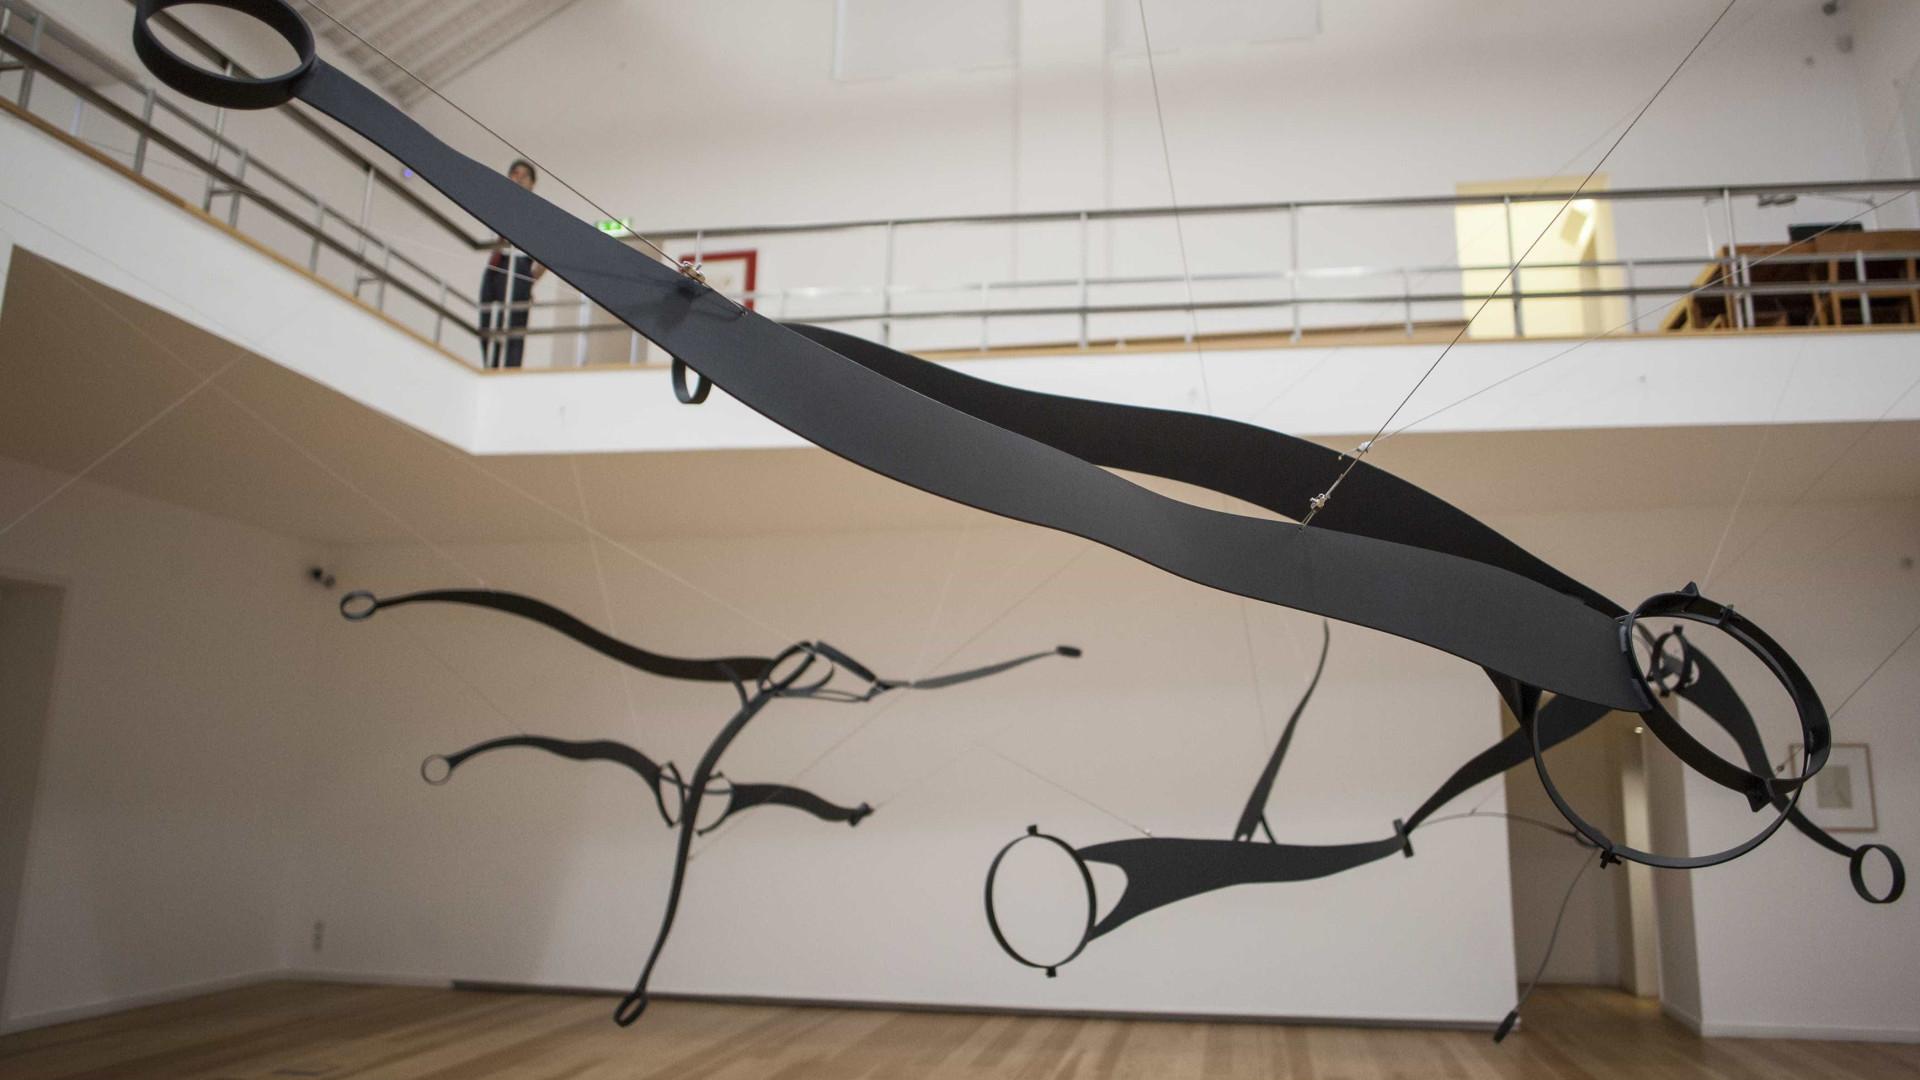 Exposição com esculturas inéditas de Rui Chafes inaugurada hoje em Lisboa